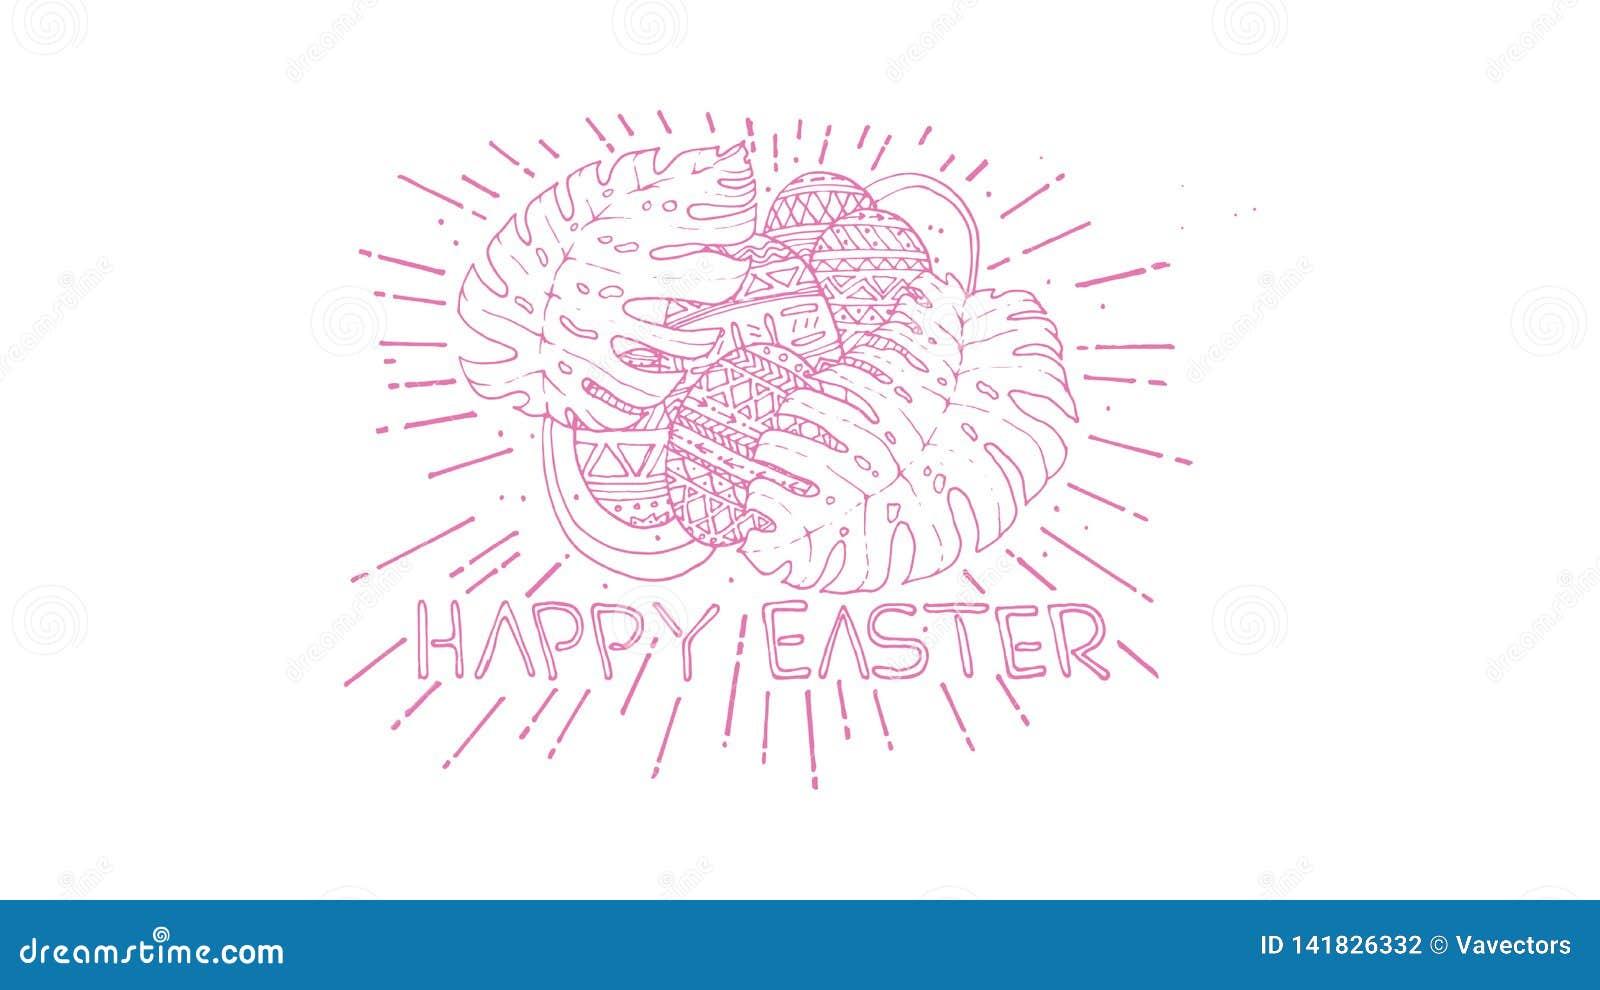 Ilustración del vector Letras coloridas modernas elegantes exhaustas de la mano feliz de Pascua aisladas en fondo - El fichero de